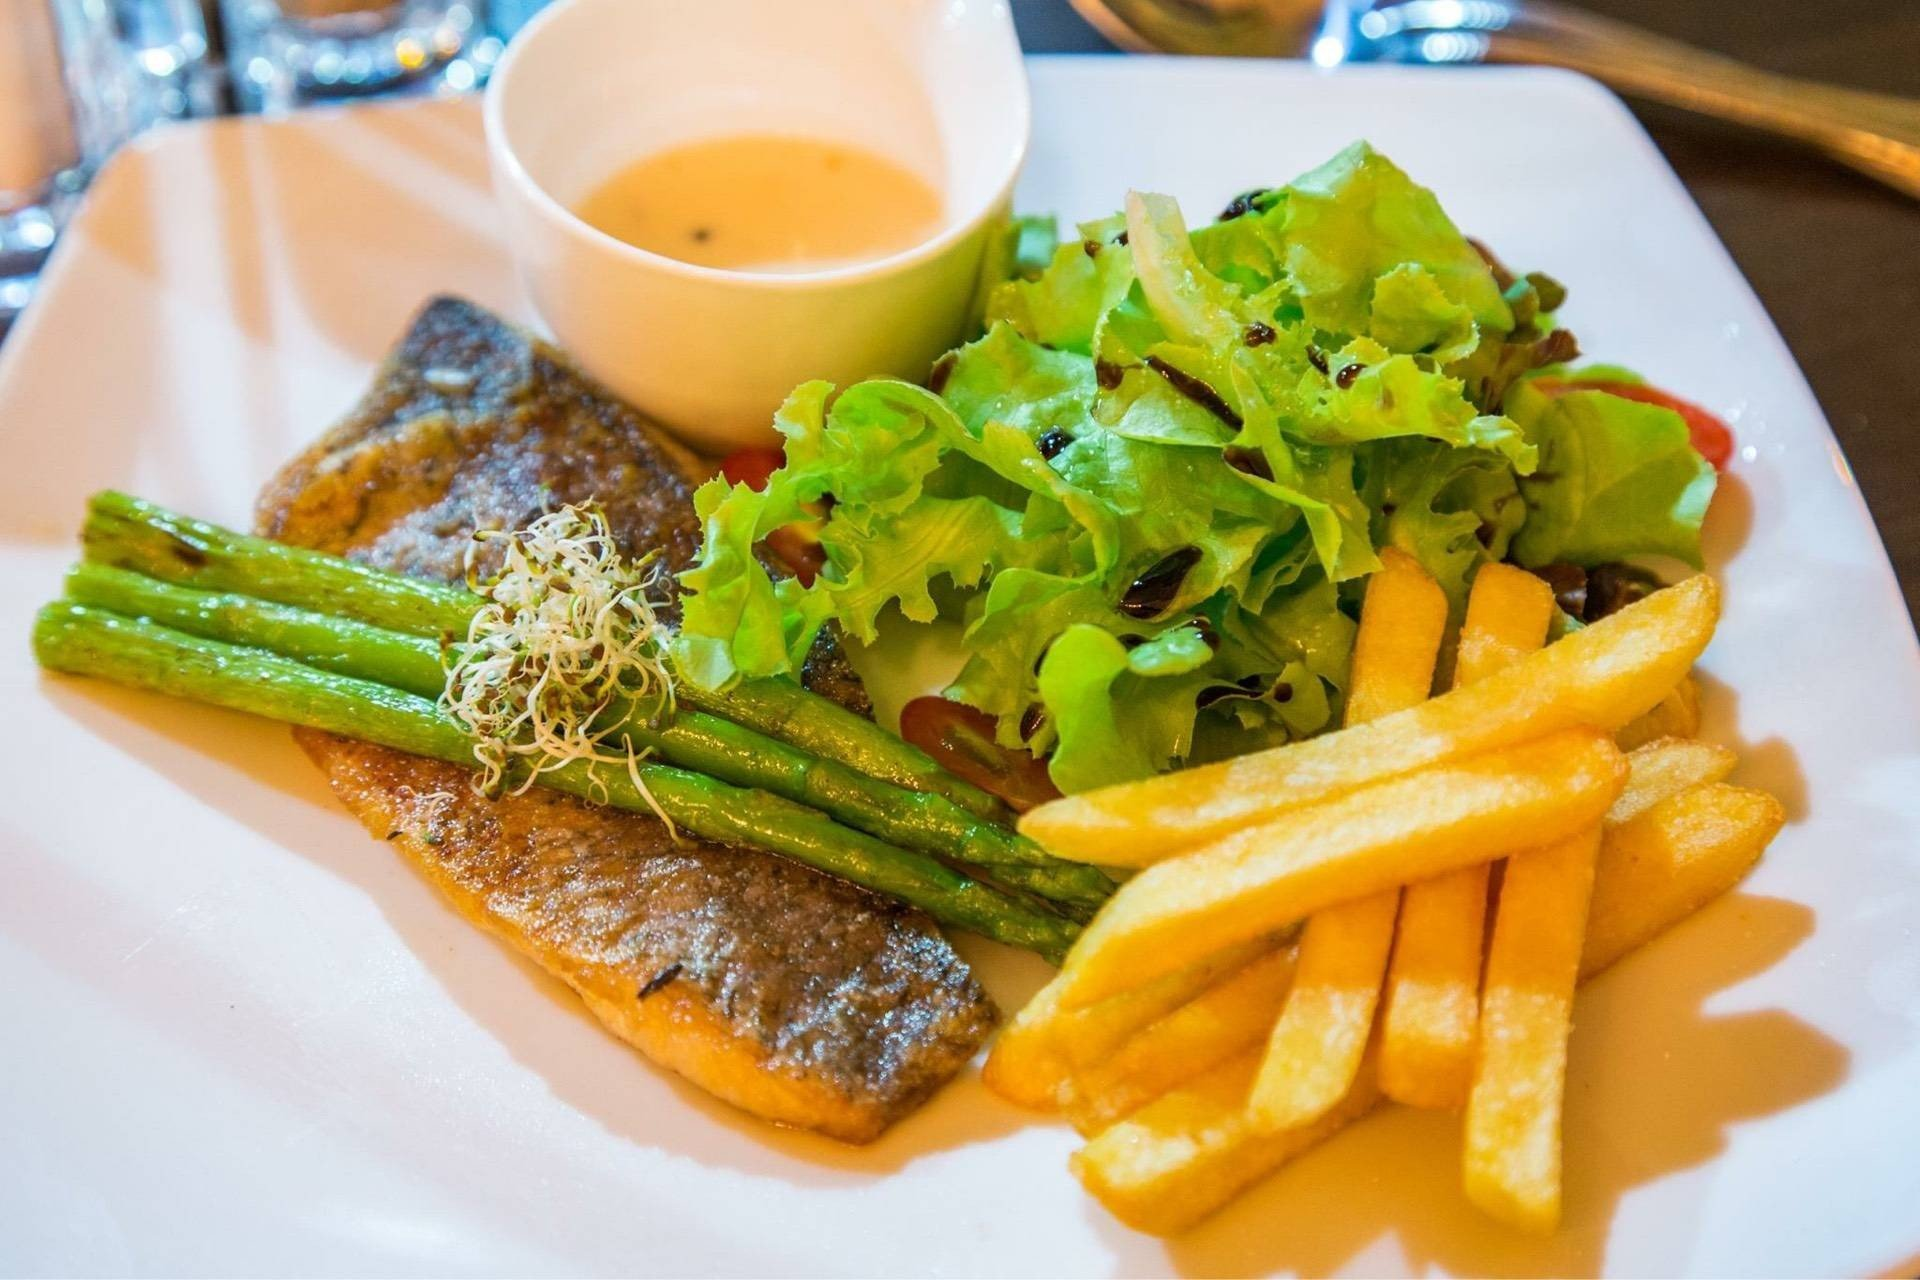 ปลากะพงย่าง ทานพร้อมกับ ซอสไวน์ขาว เฟร้นฟรายและสลัดค่ะ